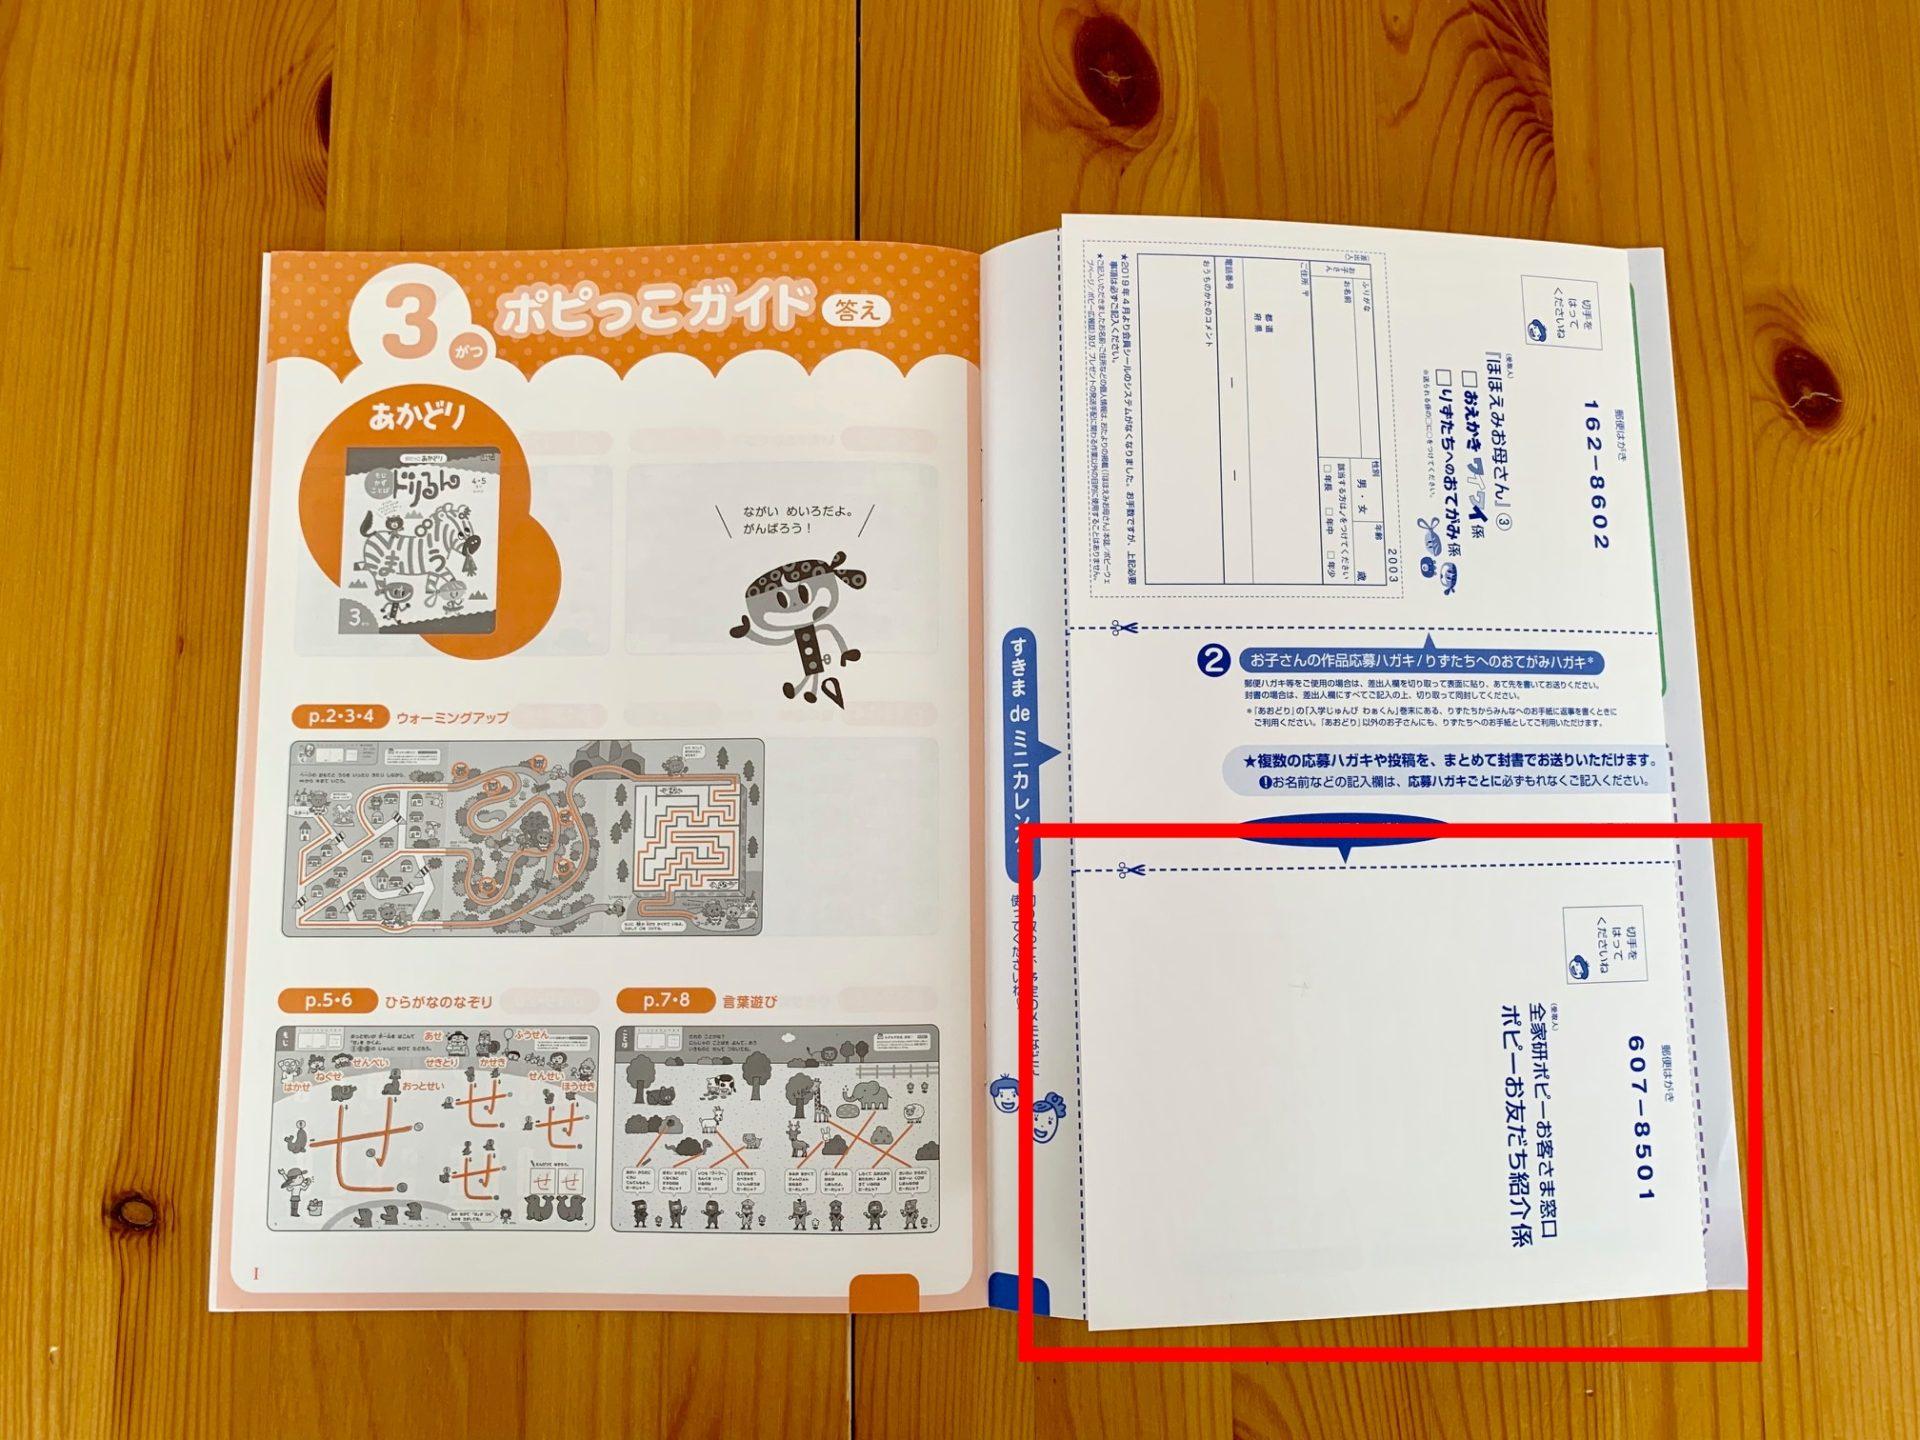 月刊ポピー友だち紹介用申込書